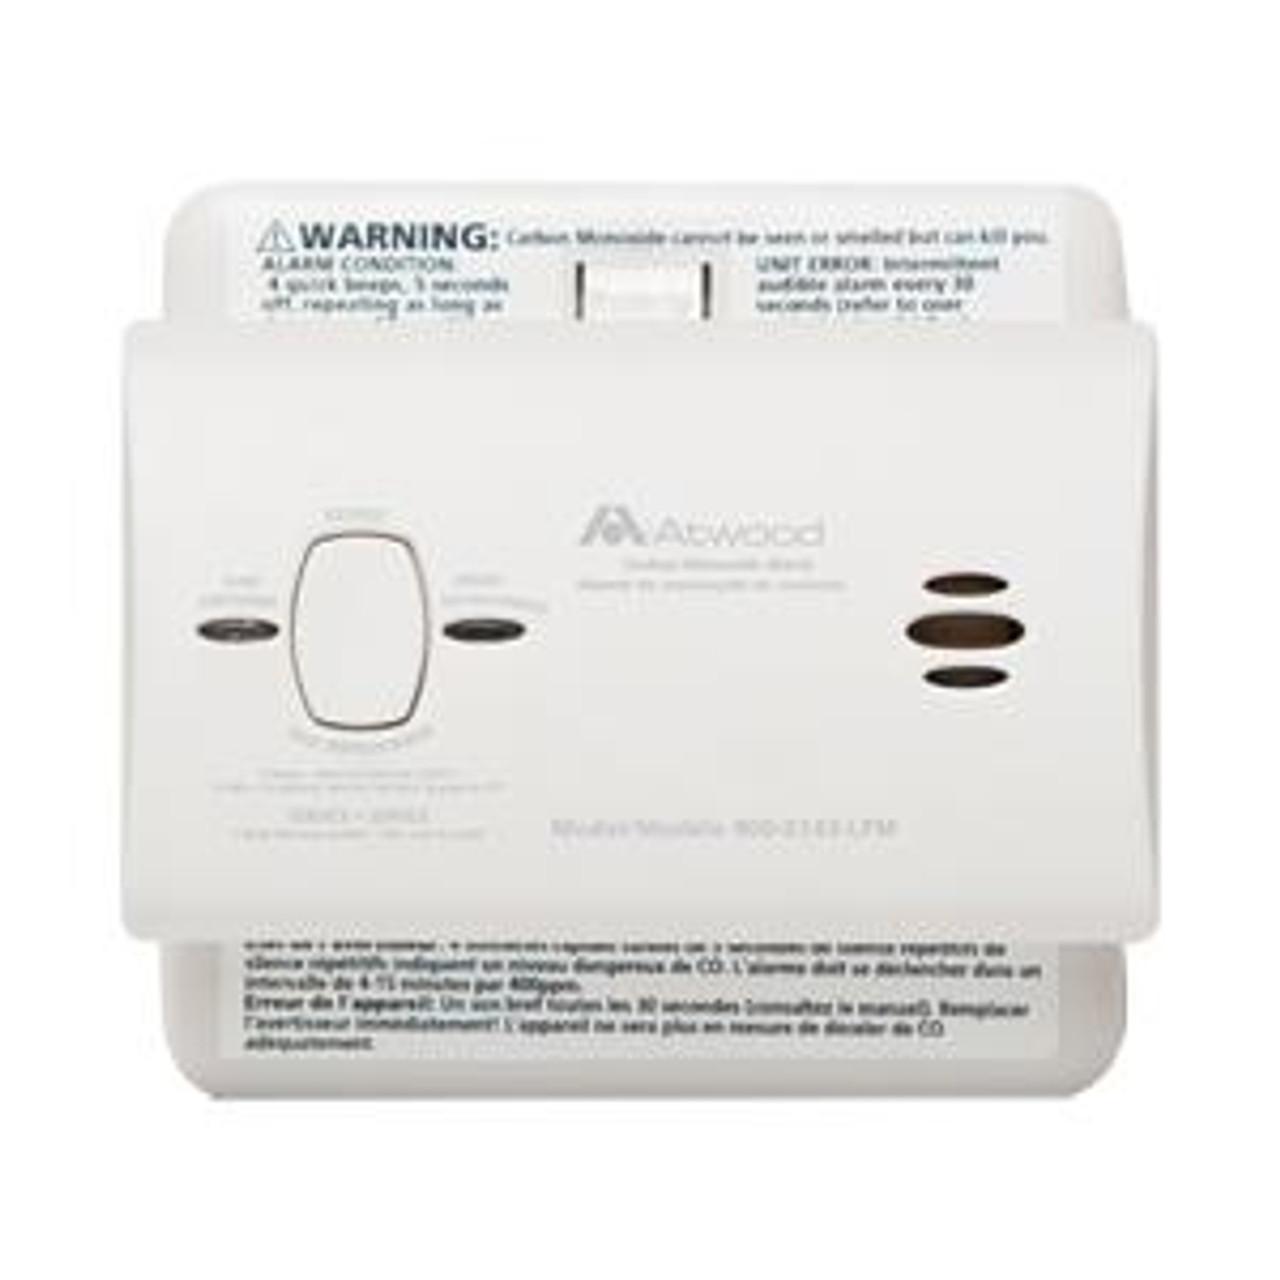 Carbon Monoxide Star Alarm Co